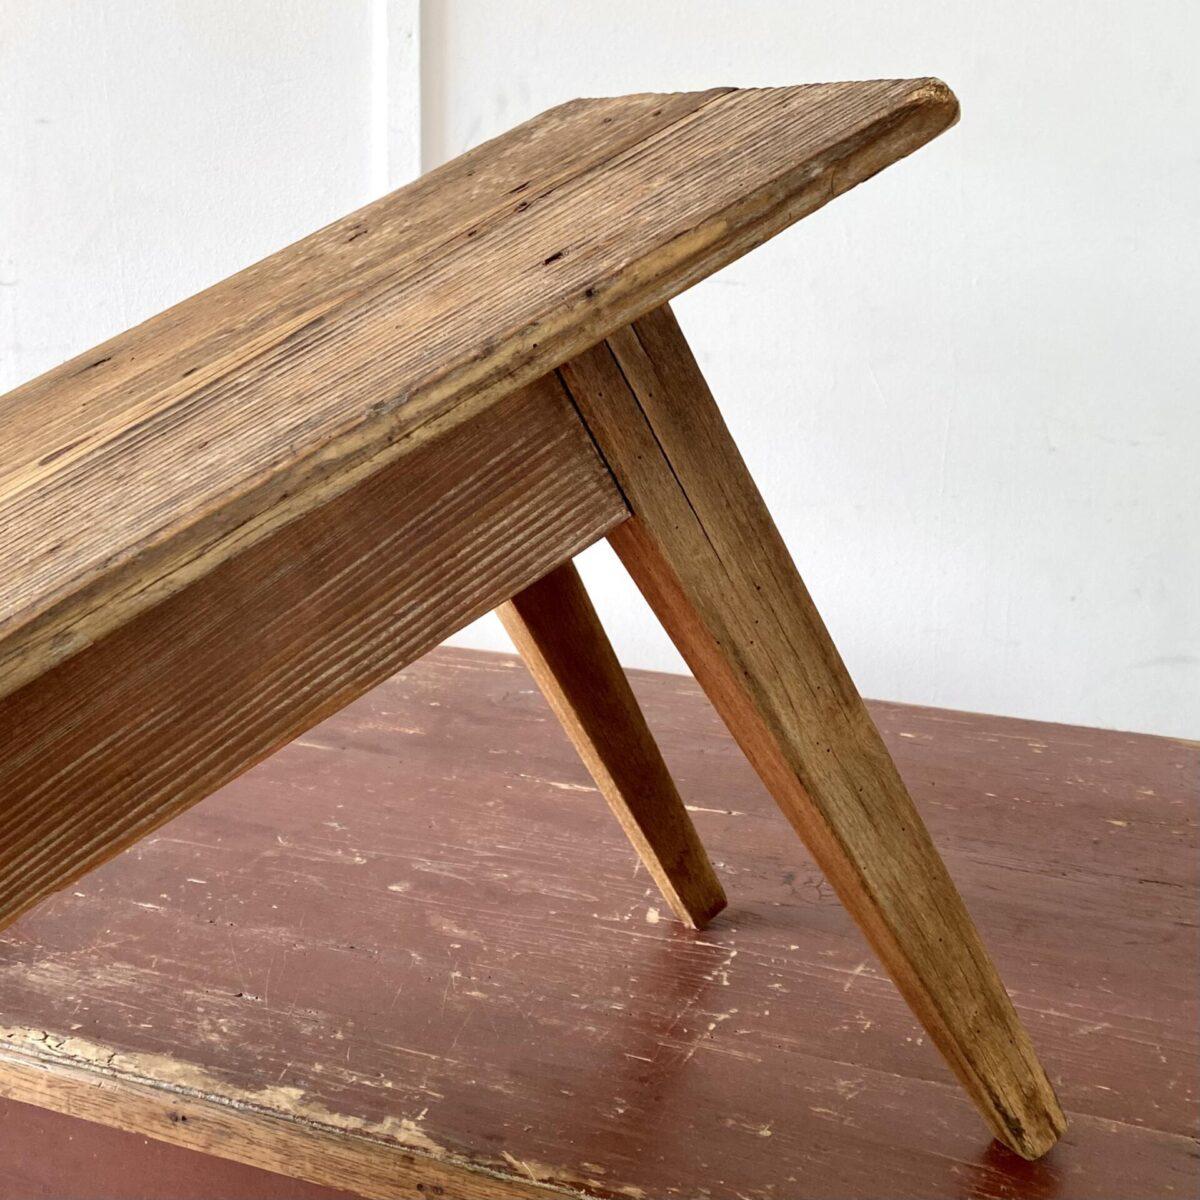 Deuxieme.shop Antike Biedermeier Designklassiker Holzbank. Alte Biedermeier Sitzbank aus Tanne. 184x30cm Höhe 45cm. Die Bank hat eine intensive Alterspatina, und auf der Sitzfläche ein paar Farbkleckse. Technisch leicht überarbeitet und stabil, die konischen leicht schrägen Beine sind aus Buchenholz.